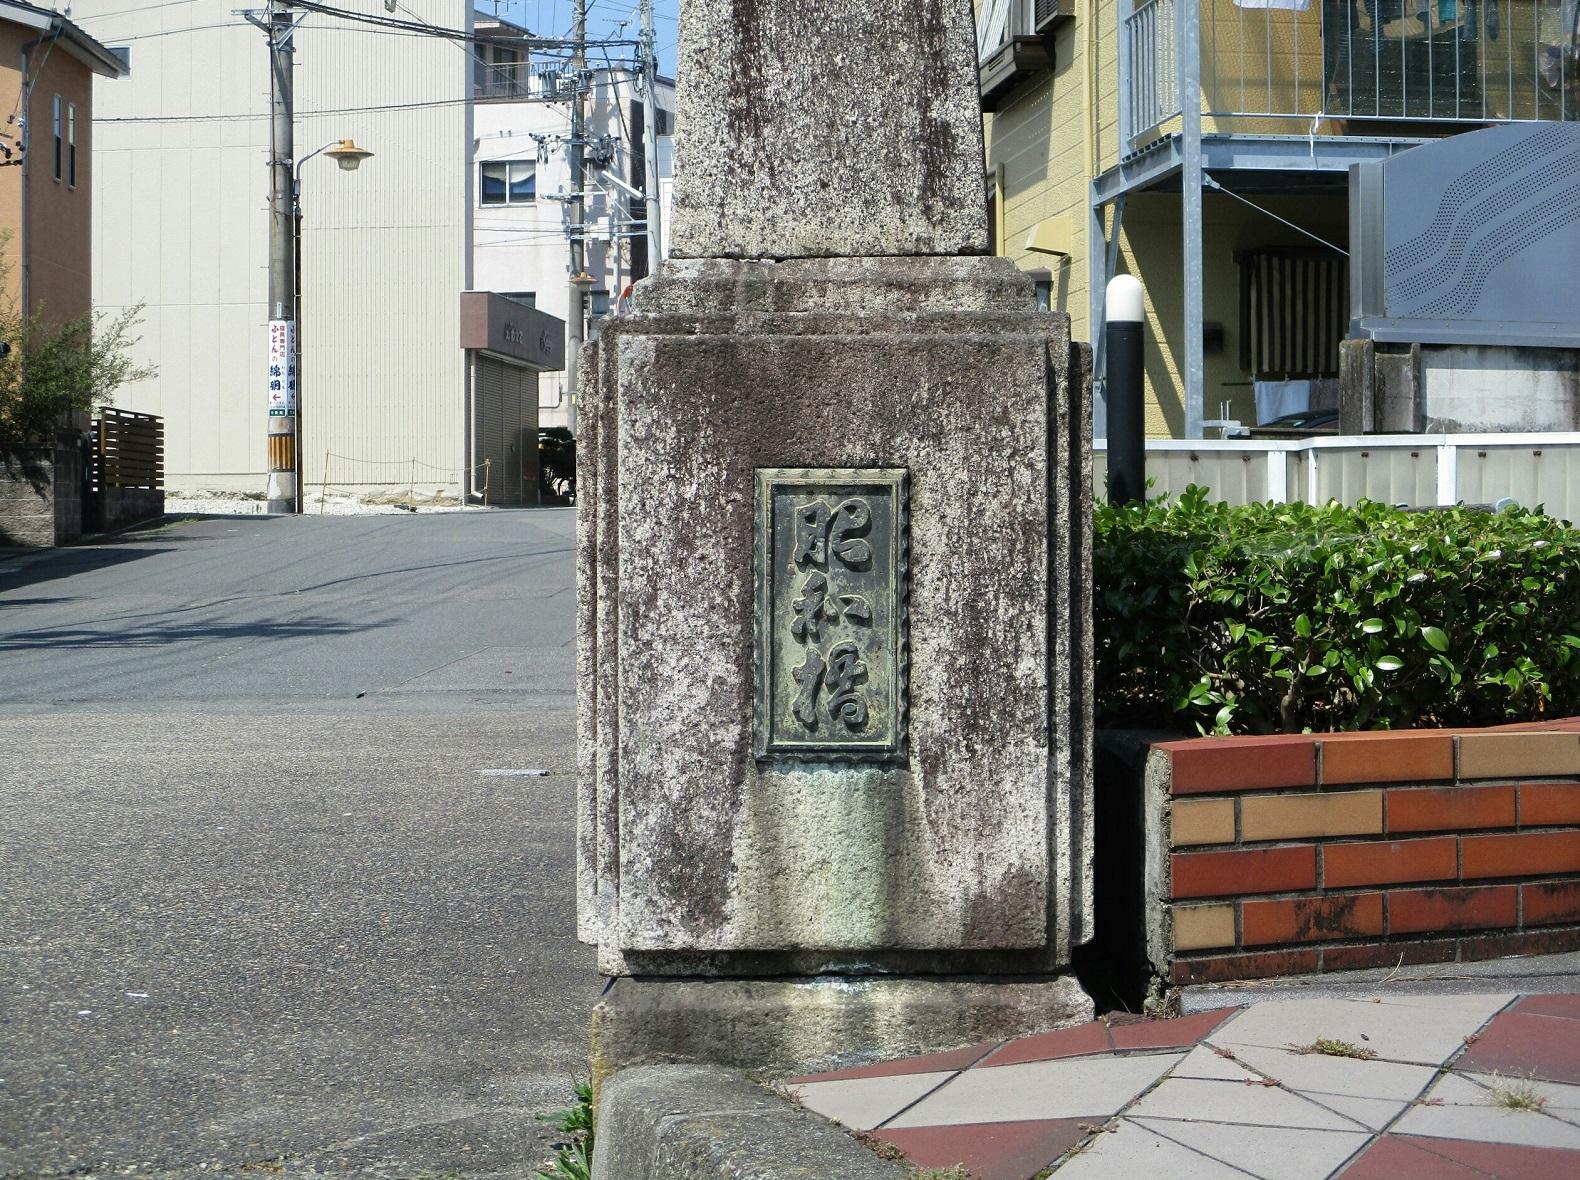 2018.7.18 (60) 竹鼻 - 昭和橋 1580-1180